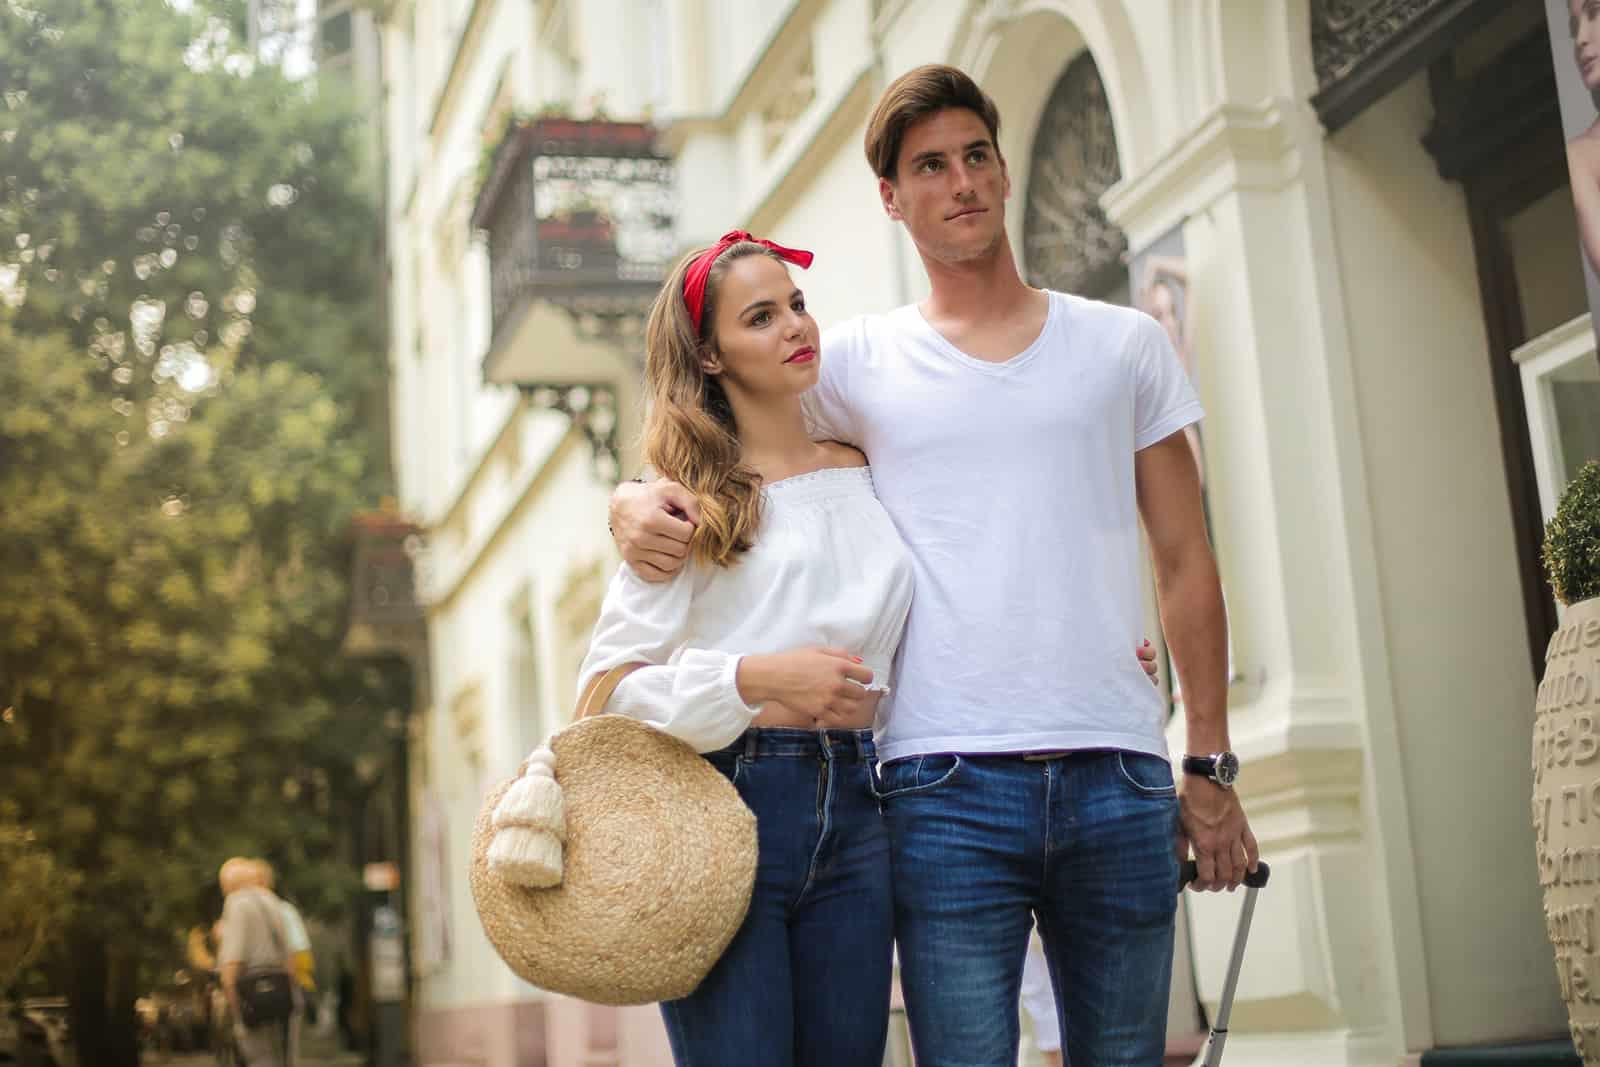 Ein Paar umarmt sich und geht mit einem Gepäck durch die Stadt